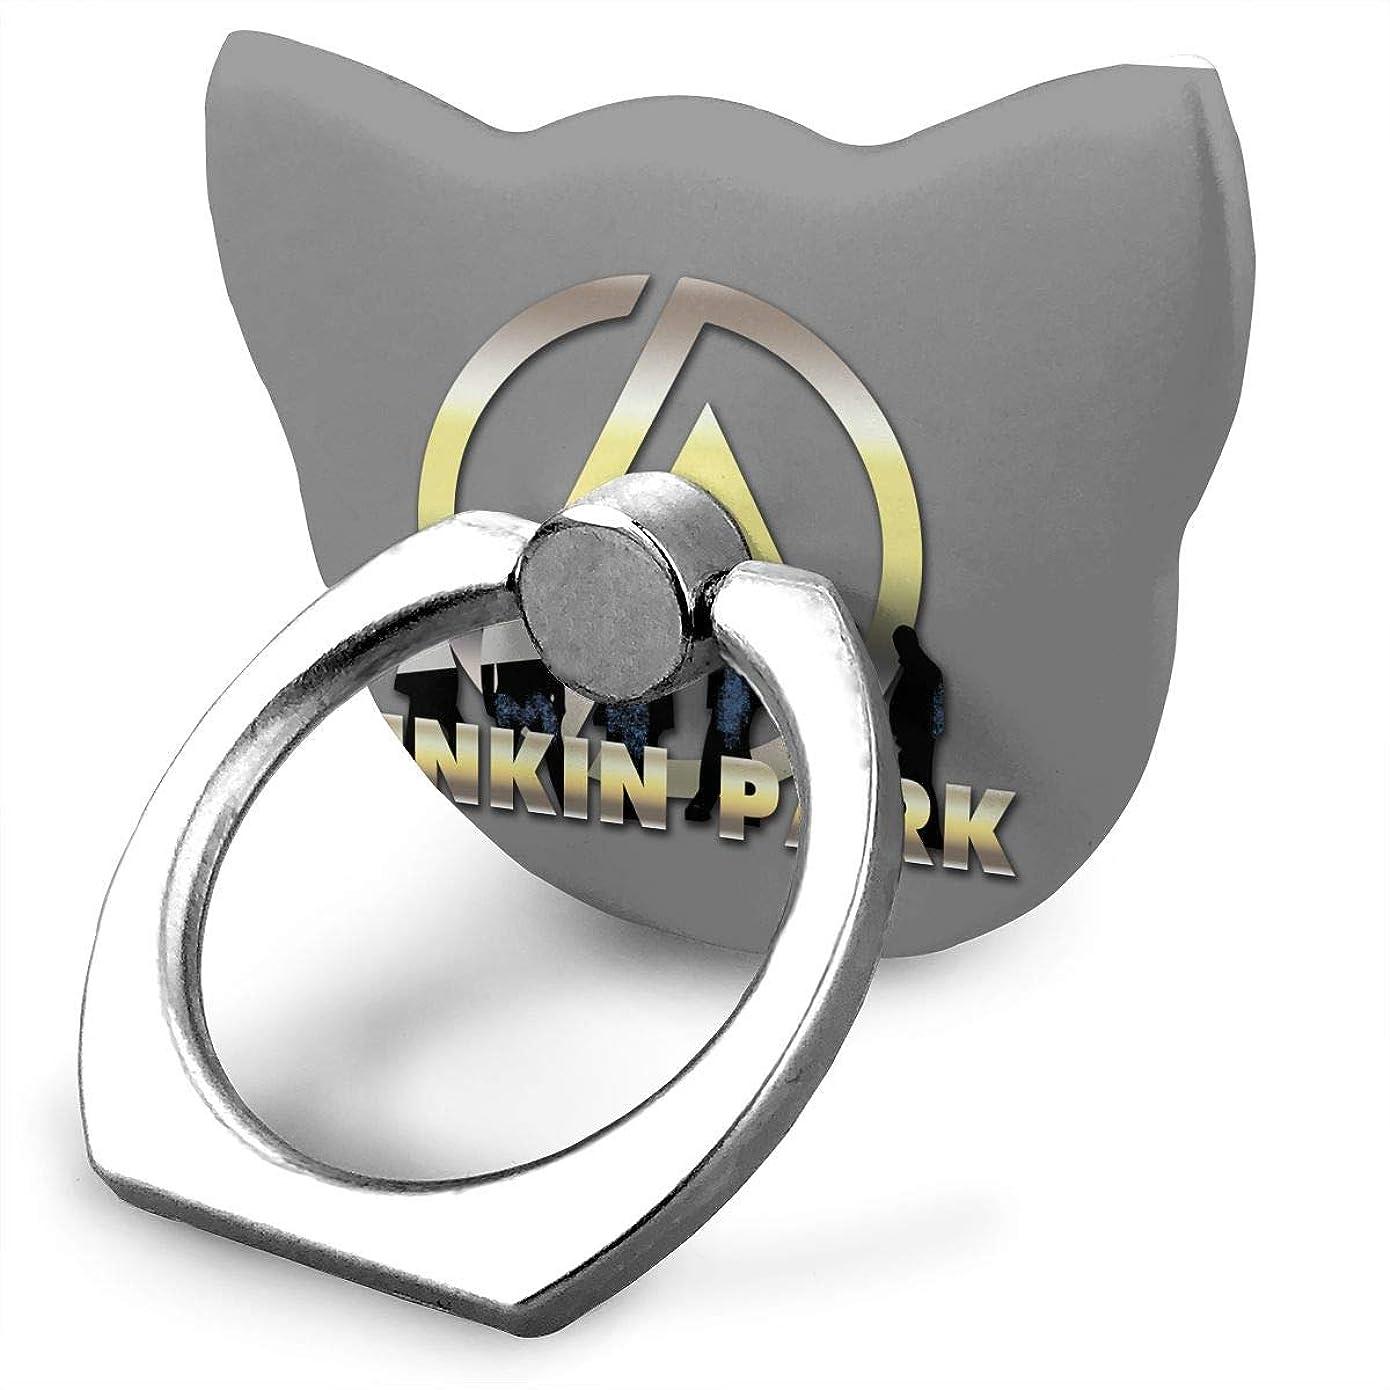 啓示コンテンポラリー欺Linkin Park リンキン?パーク スマホ リング ホールドリング 指輪リング 薄型 おしゃれ スタンド機能 落下防止 360度回転 タブレット/スマホ\r\n IPhone/Android各種他対応